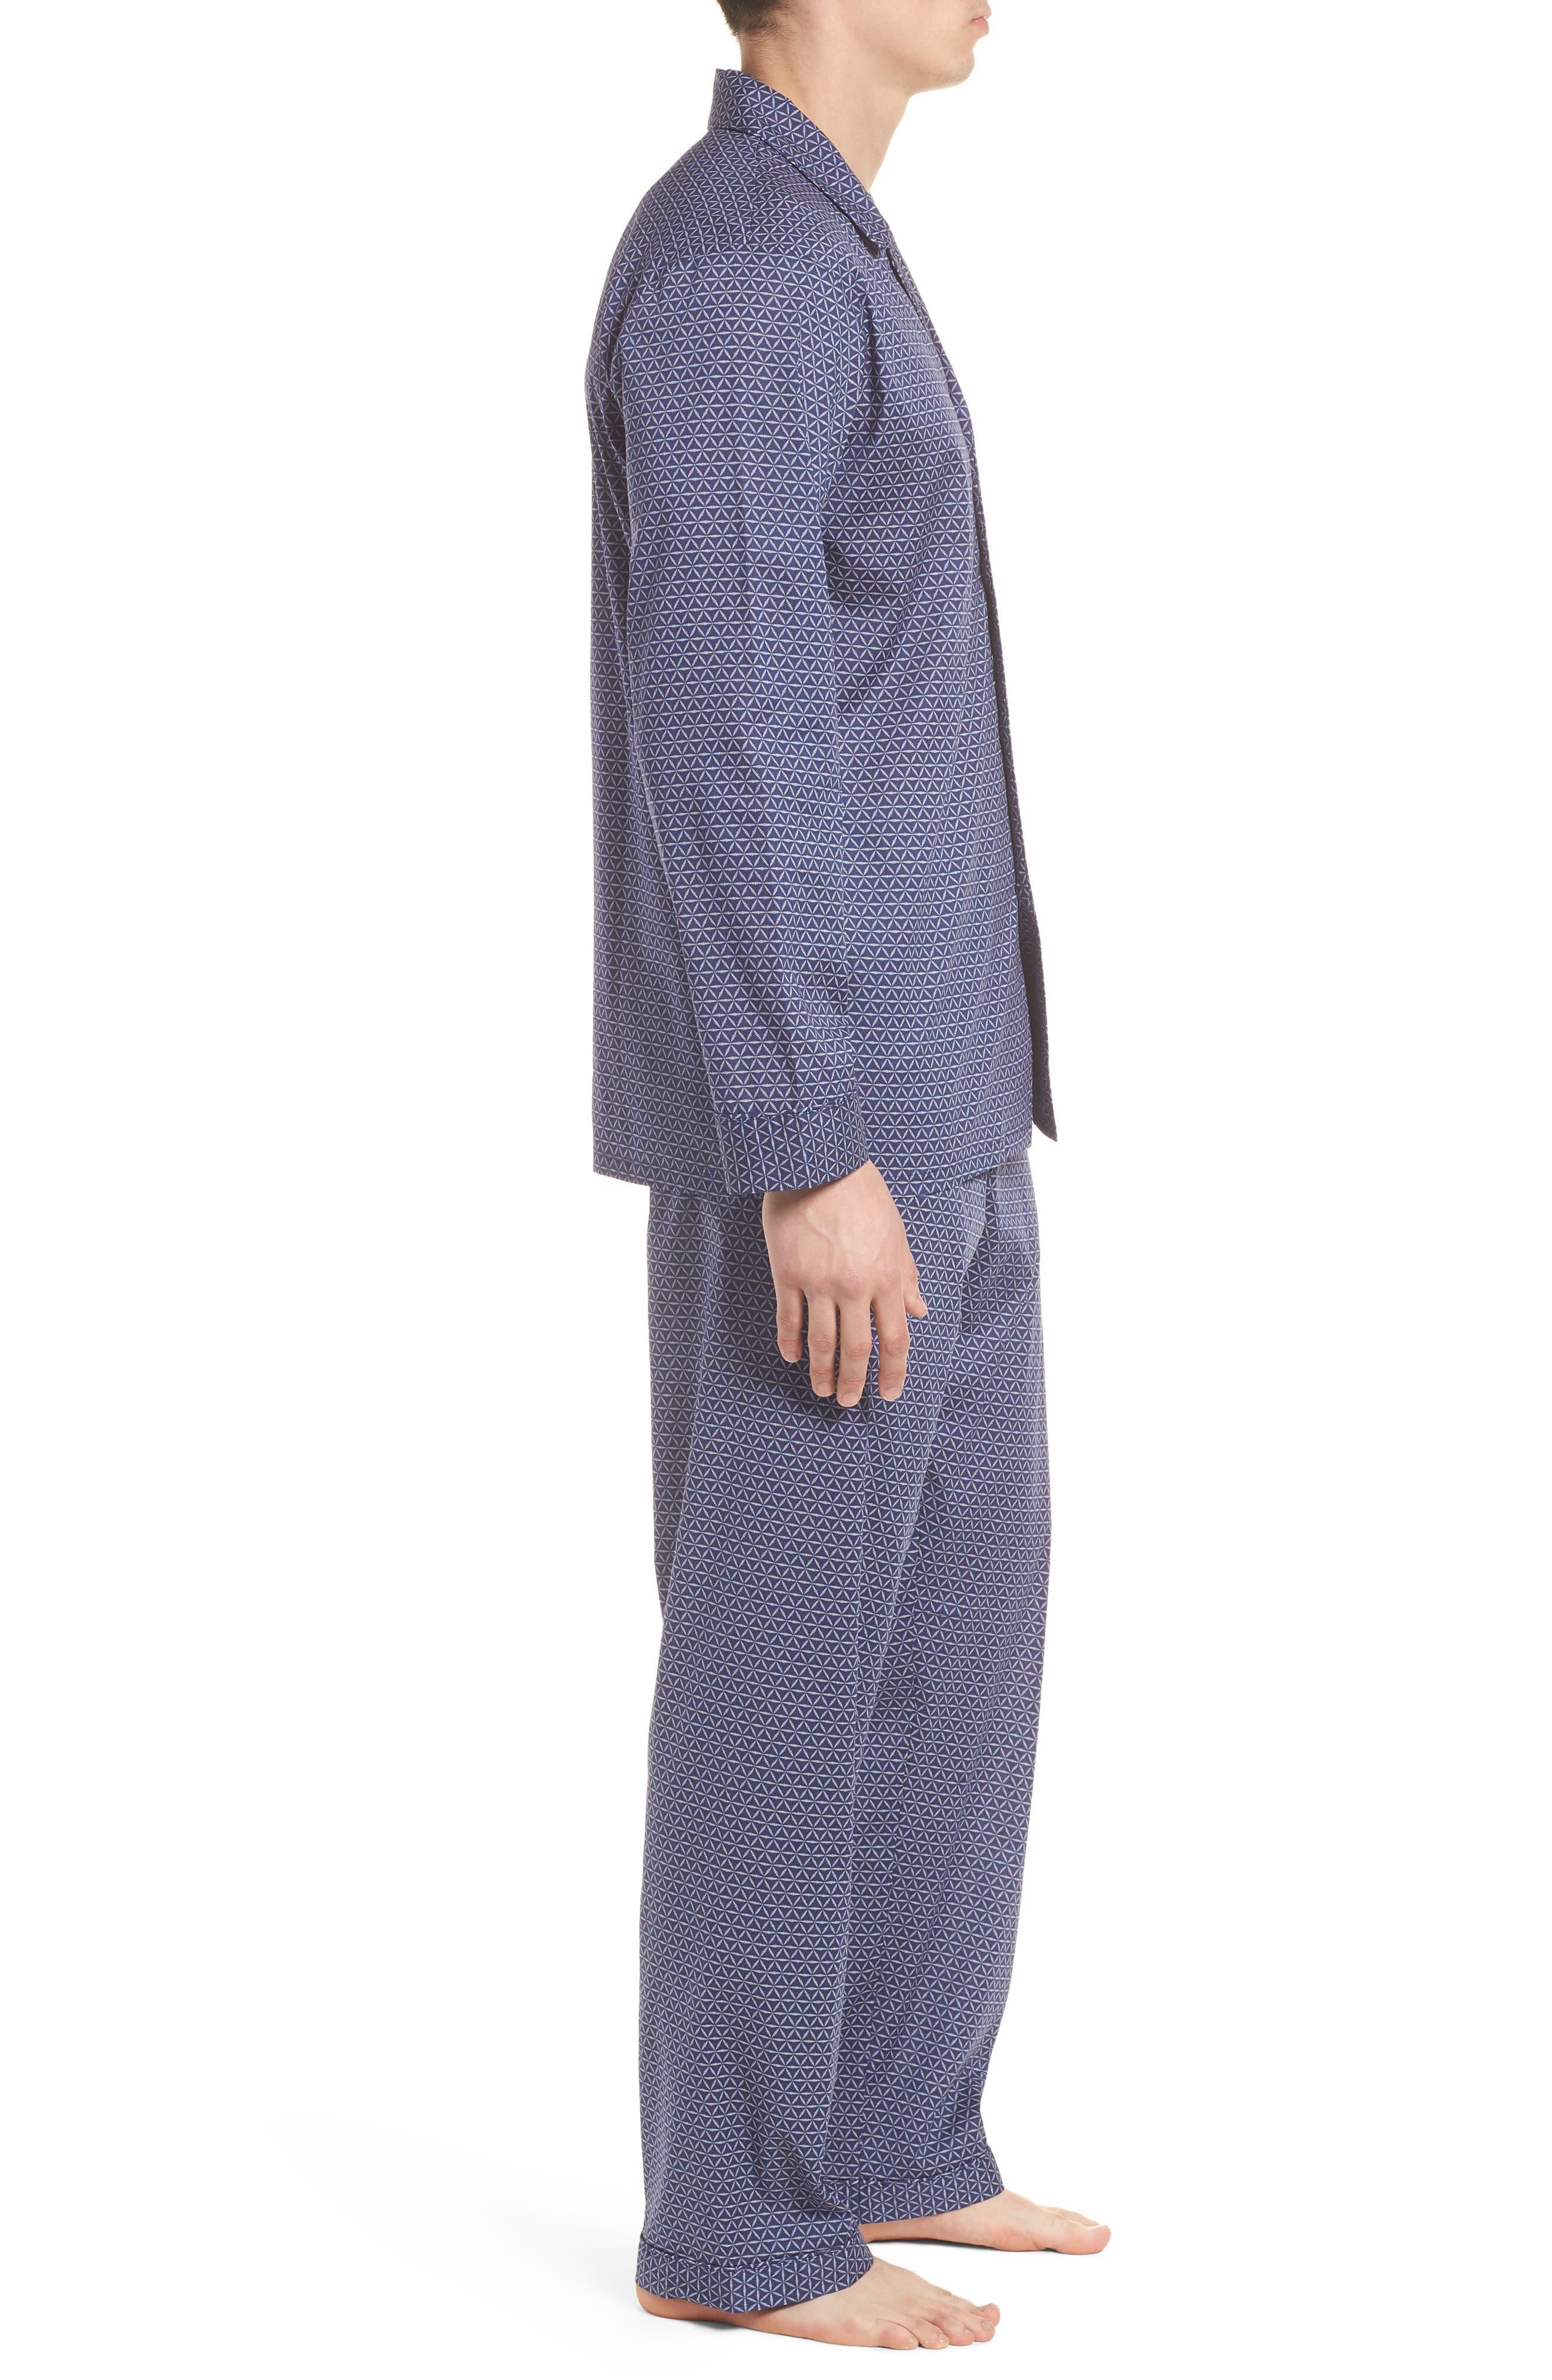 Starling Pajama Set,                             Alternate thumbnail 3, color,                             NAVY